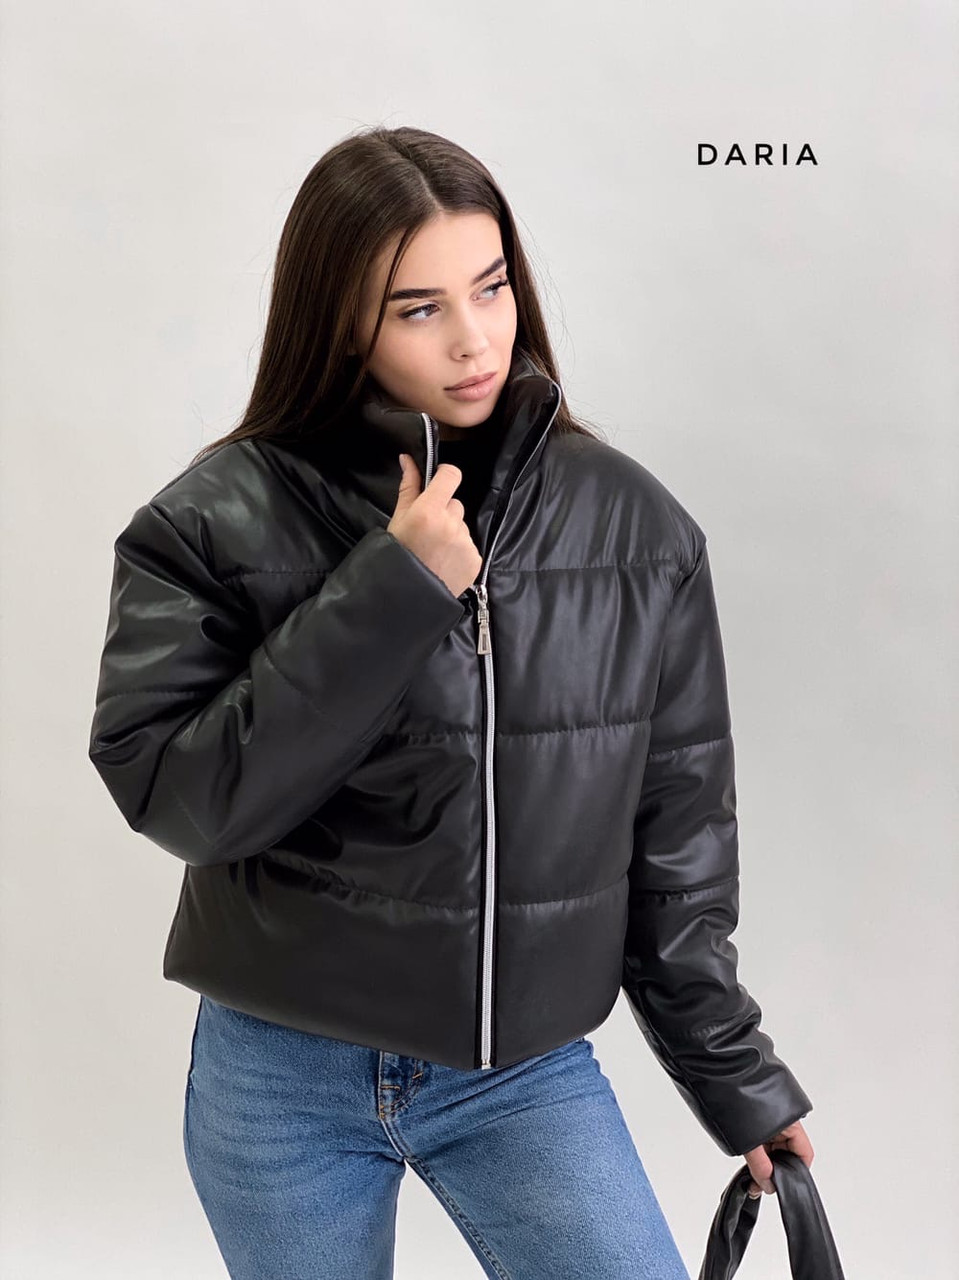 Короткая кожаная куртка на молнии объемная с воротником стойкой (р. 42-46) 55kr580